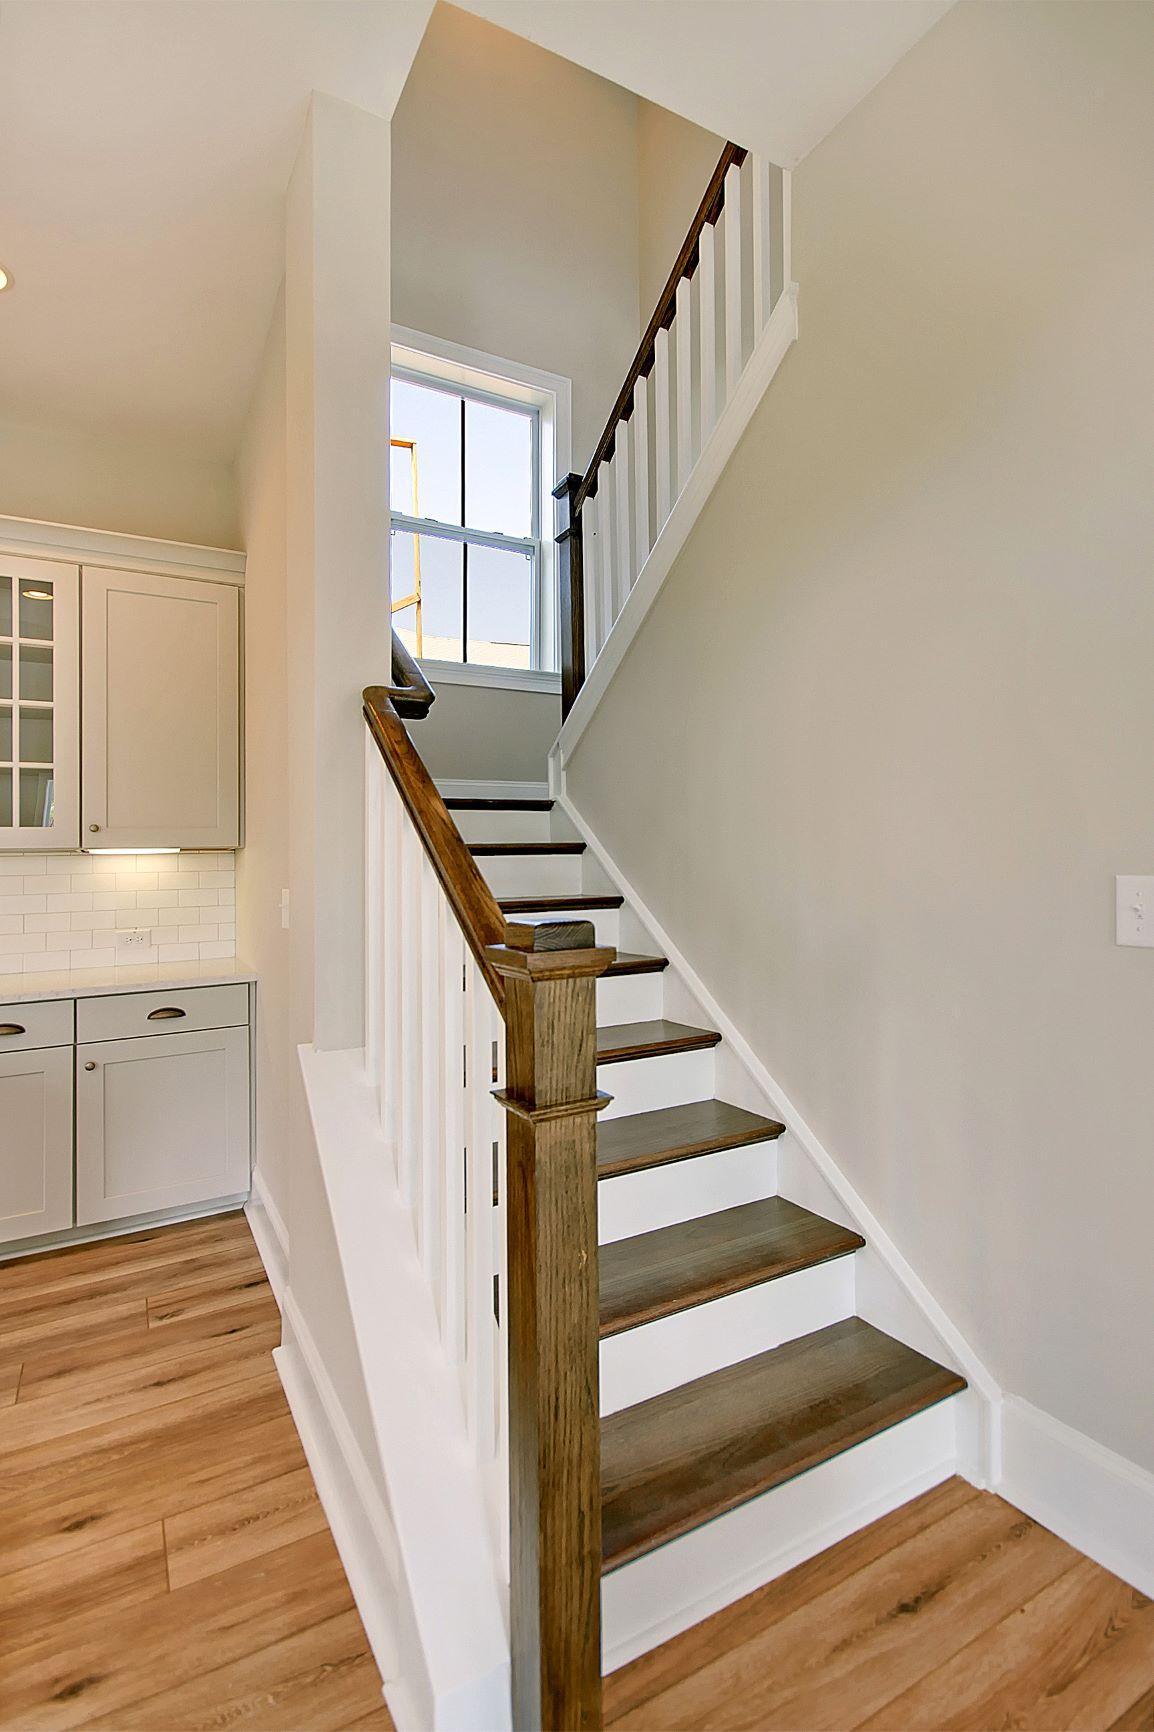 Kings Flats Homes For Sale - 121 Alder, Charleston, SC - 25